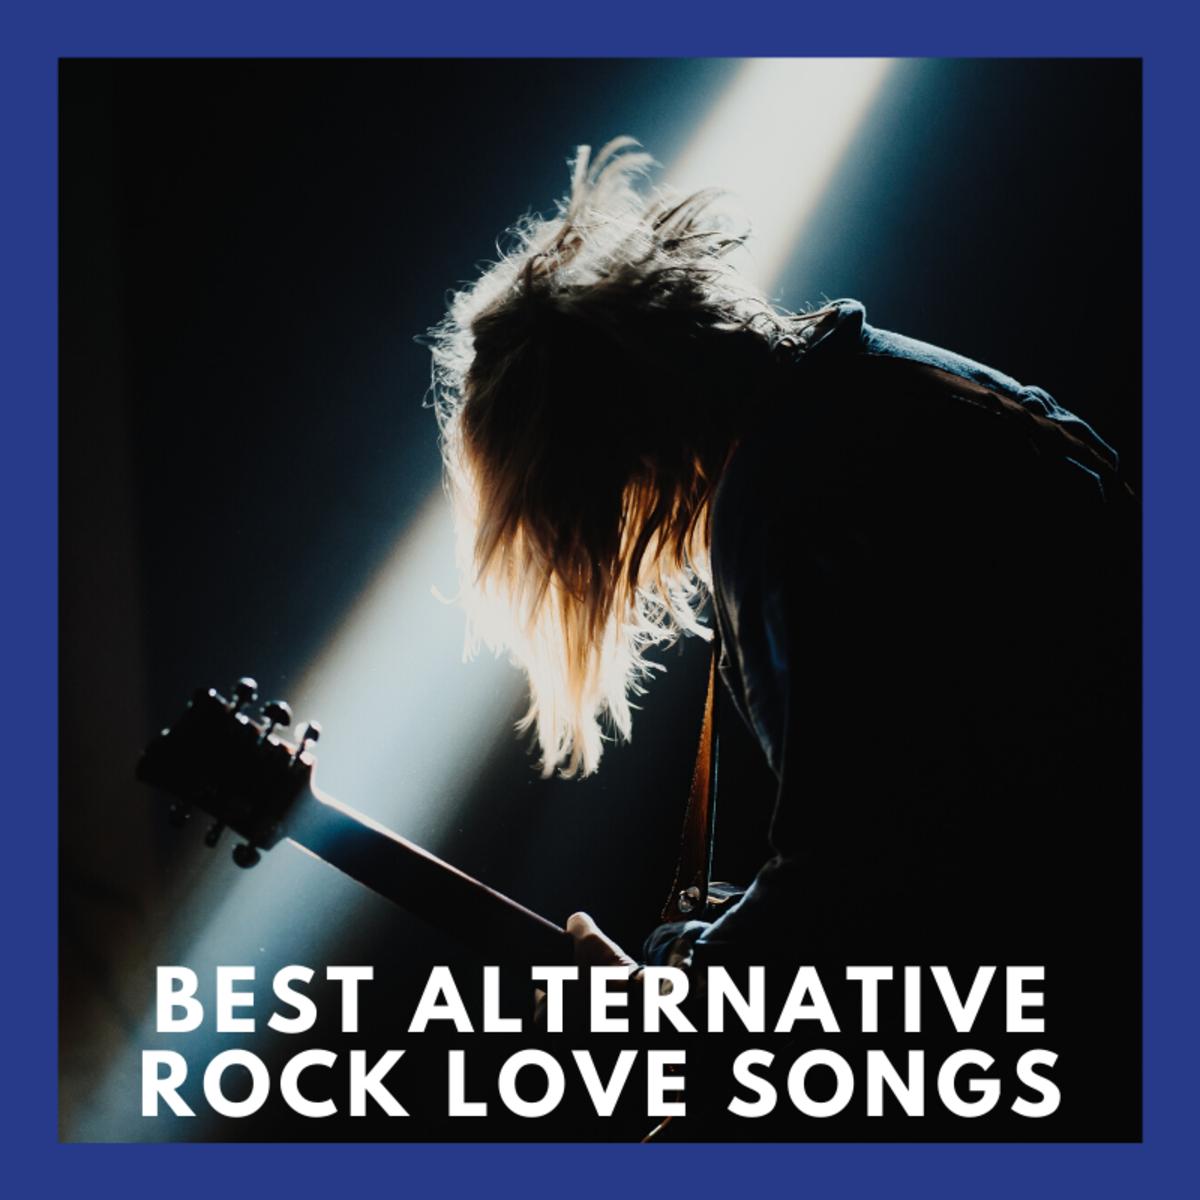 100 Best Alternative Rock Love Songs